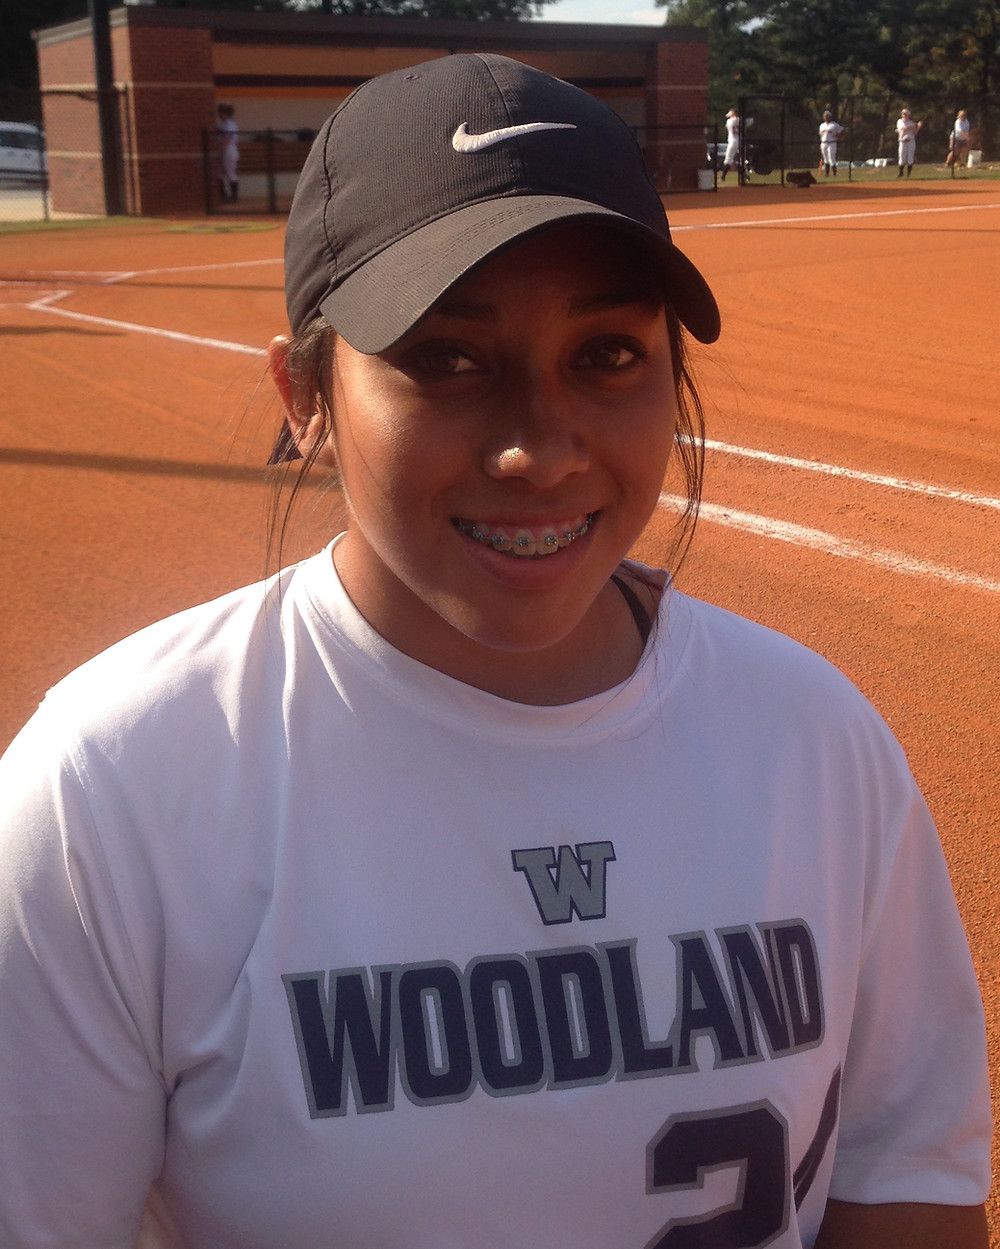 Sarah Baynard, Woodland High School softball